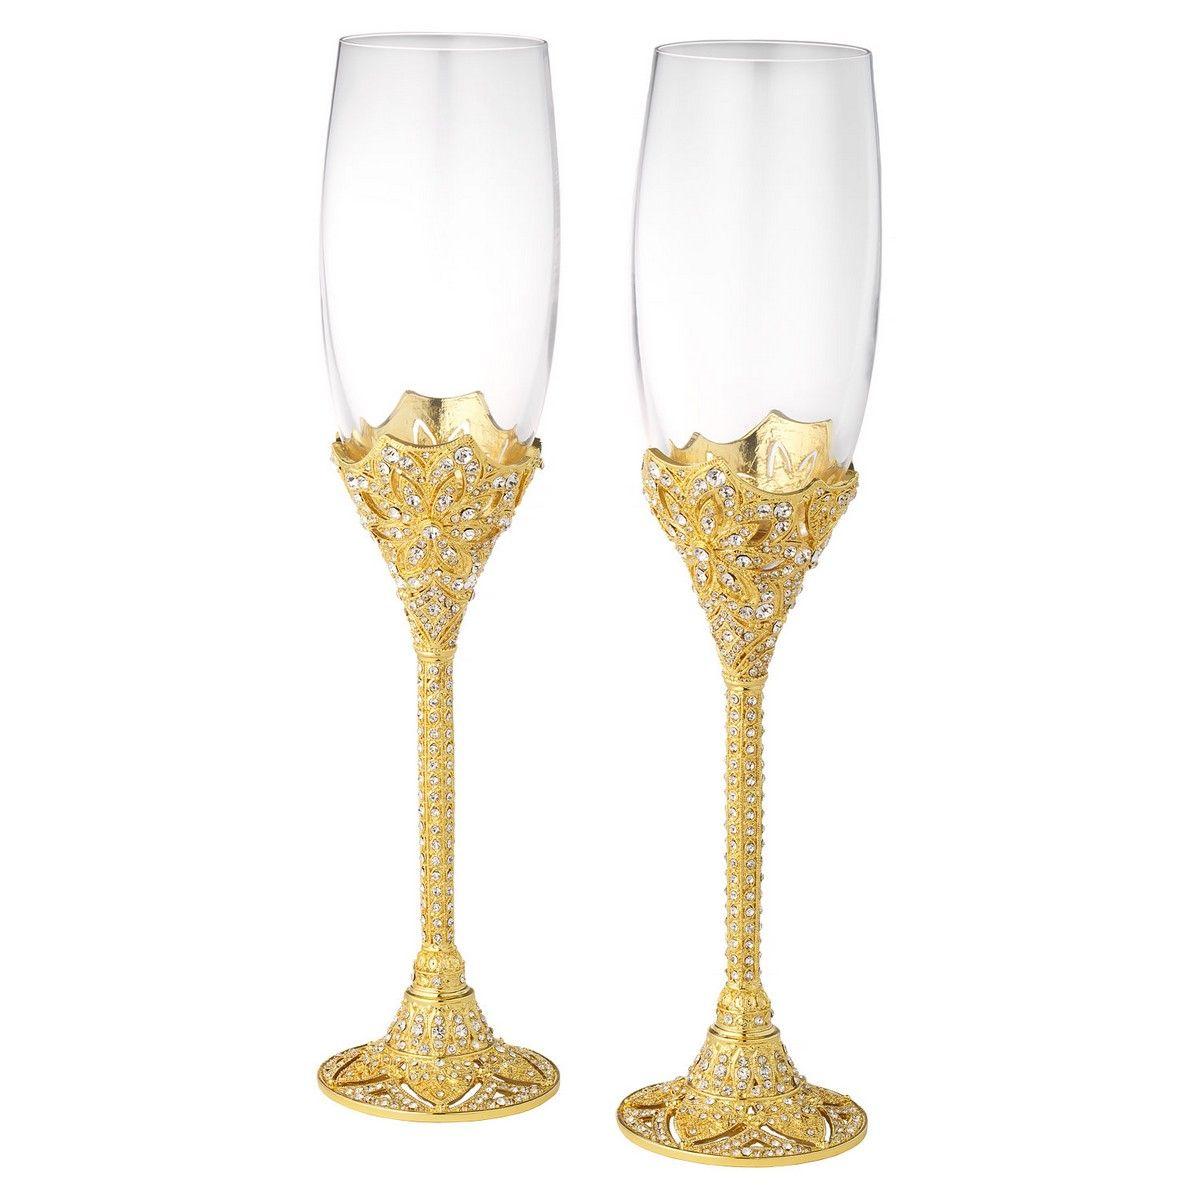 OLIVIA RIEGEL GOLD WINDSOR FLUTE SET OF 2 - 7 oz. | Wedding & Event ...